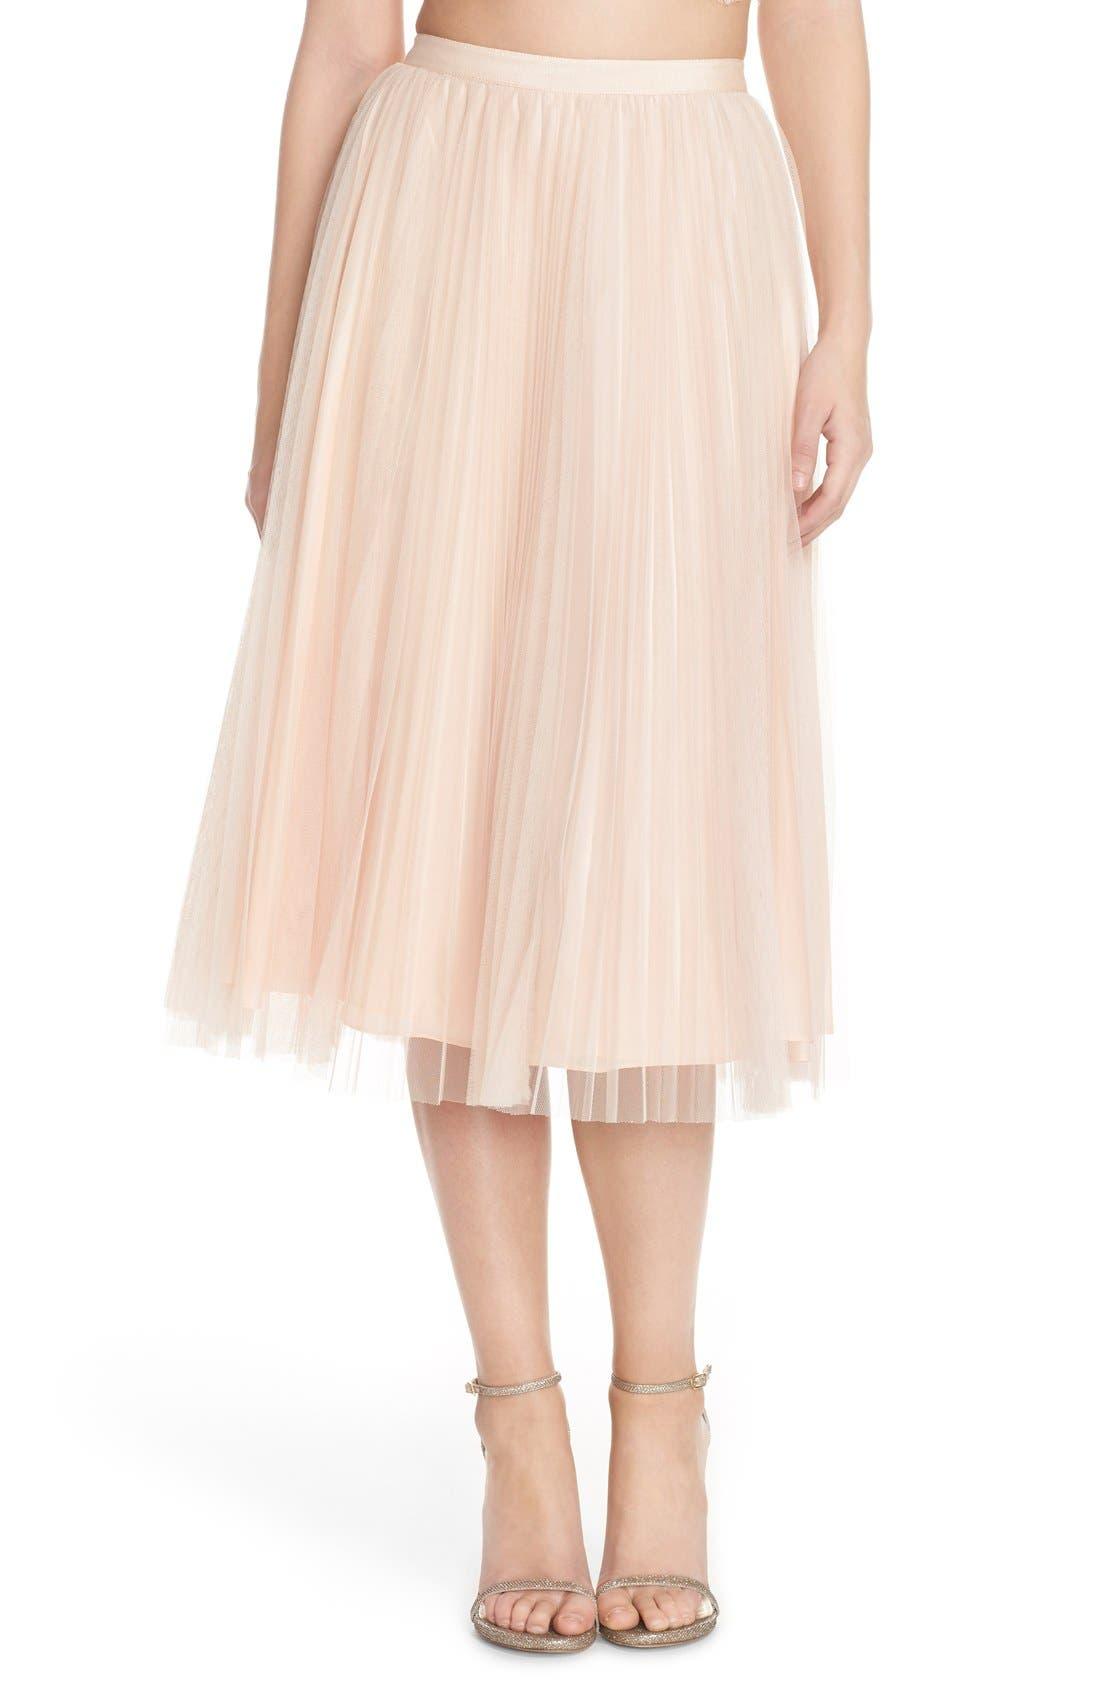 Alternate Image 1 Selected - Adrianna Papell Pleated Tulle Midi Skirt